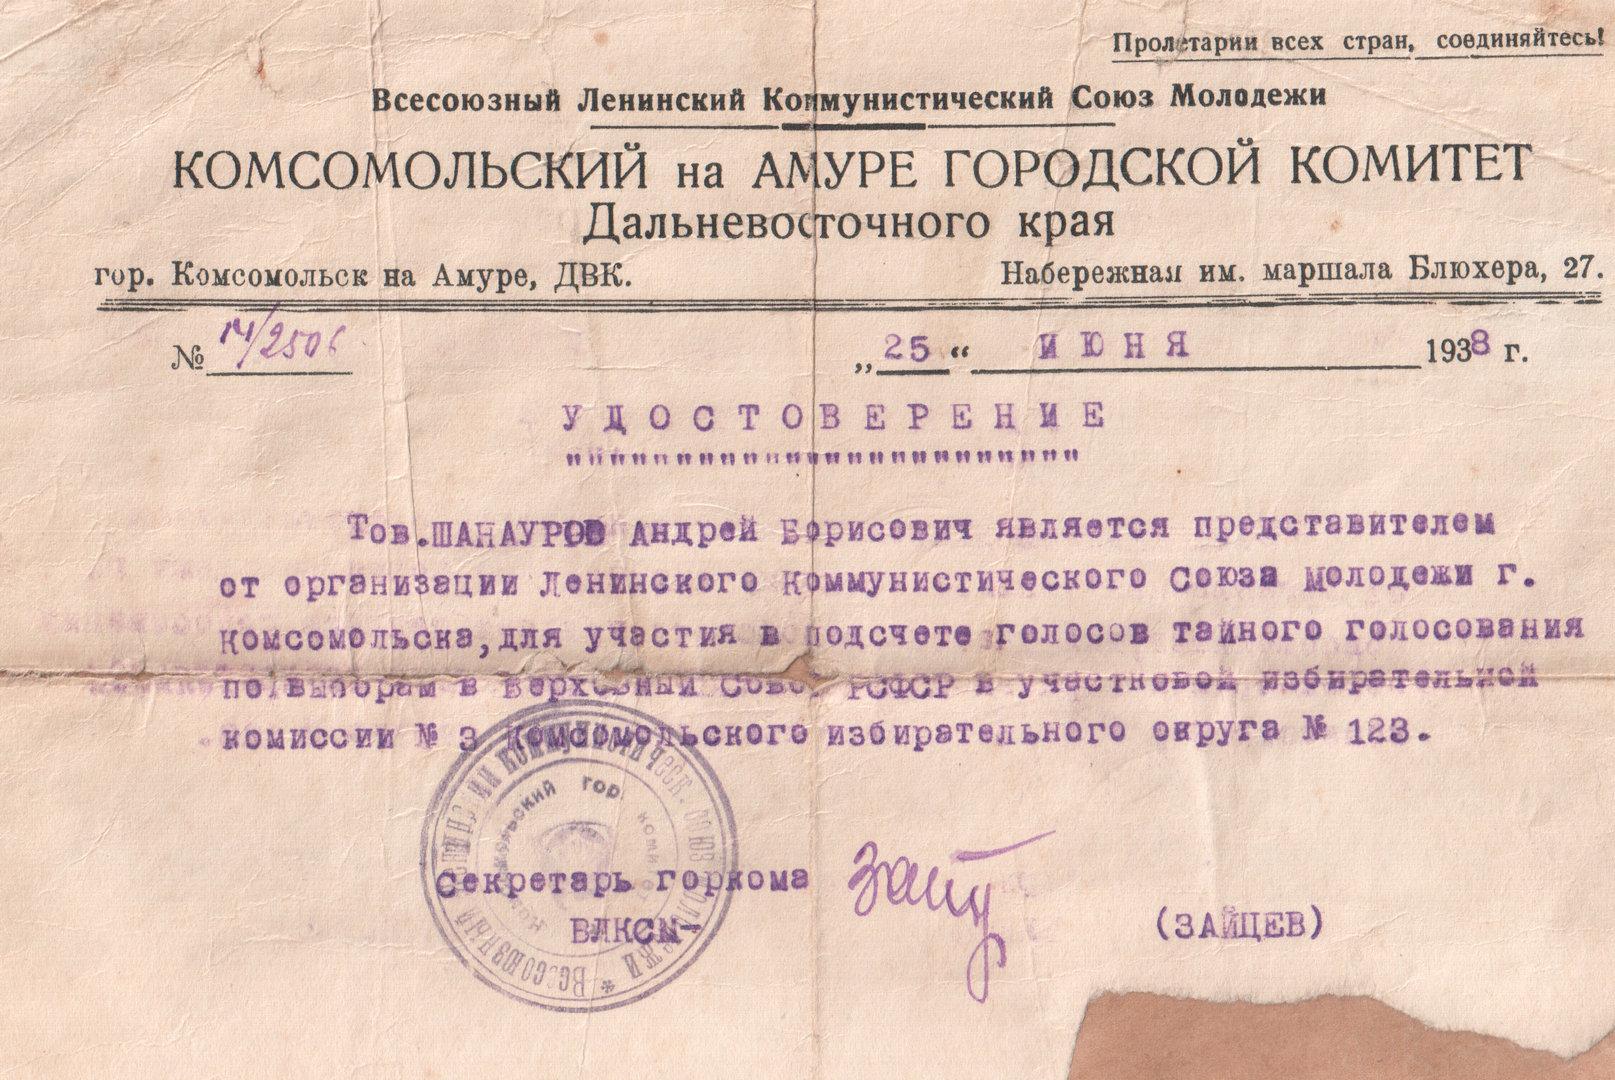 Удостоверение Шанаурова Андрея Борисовича